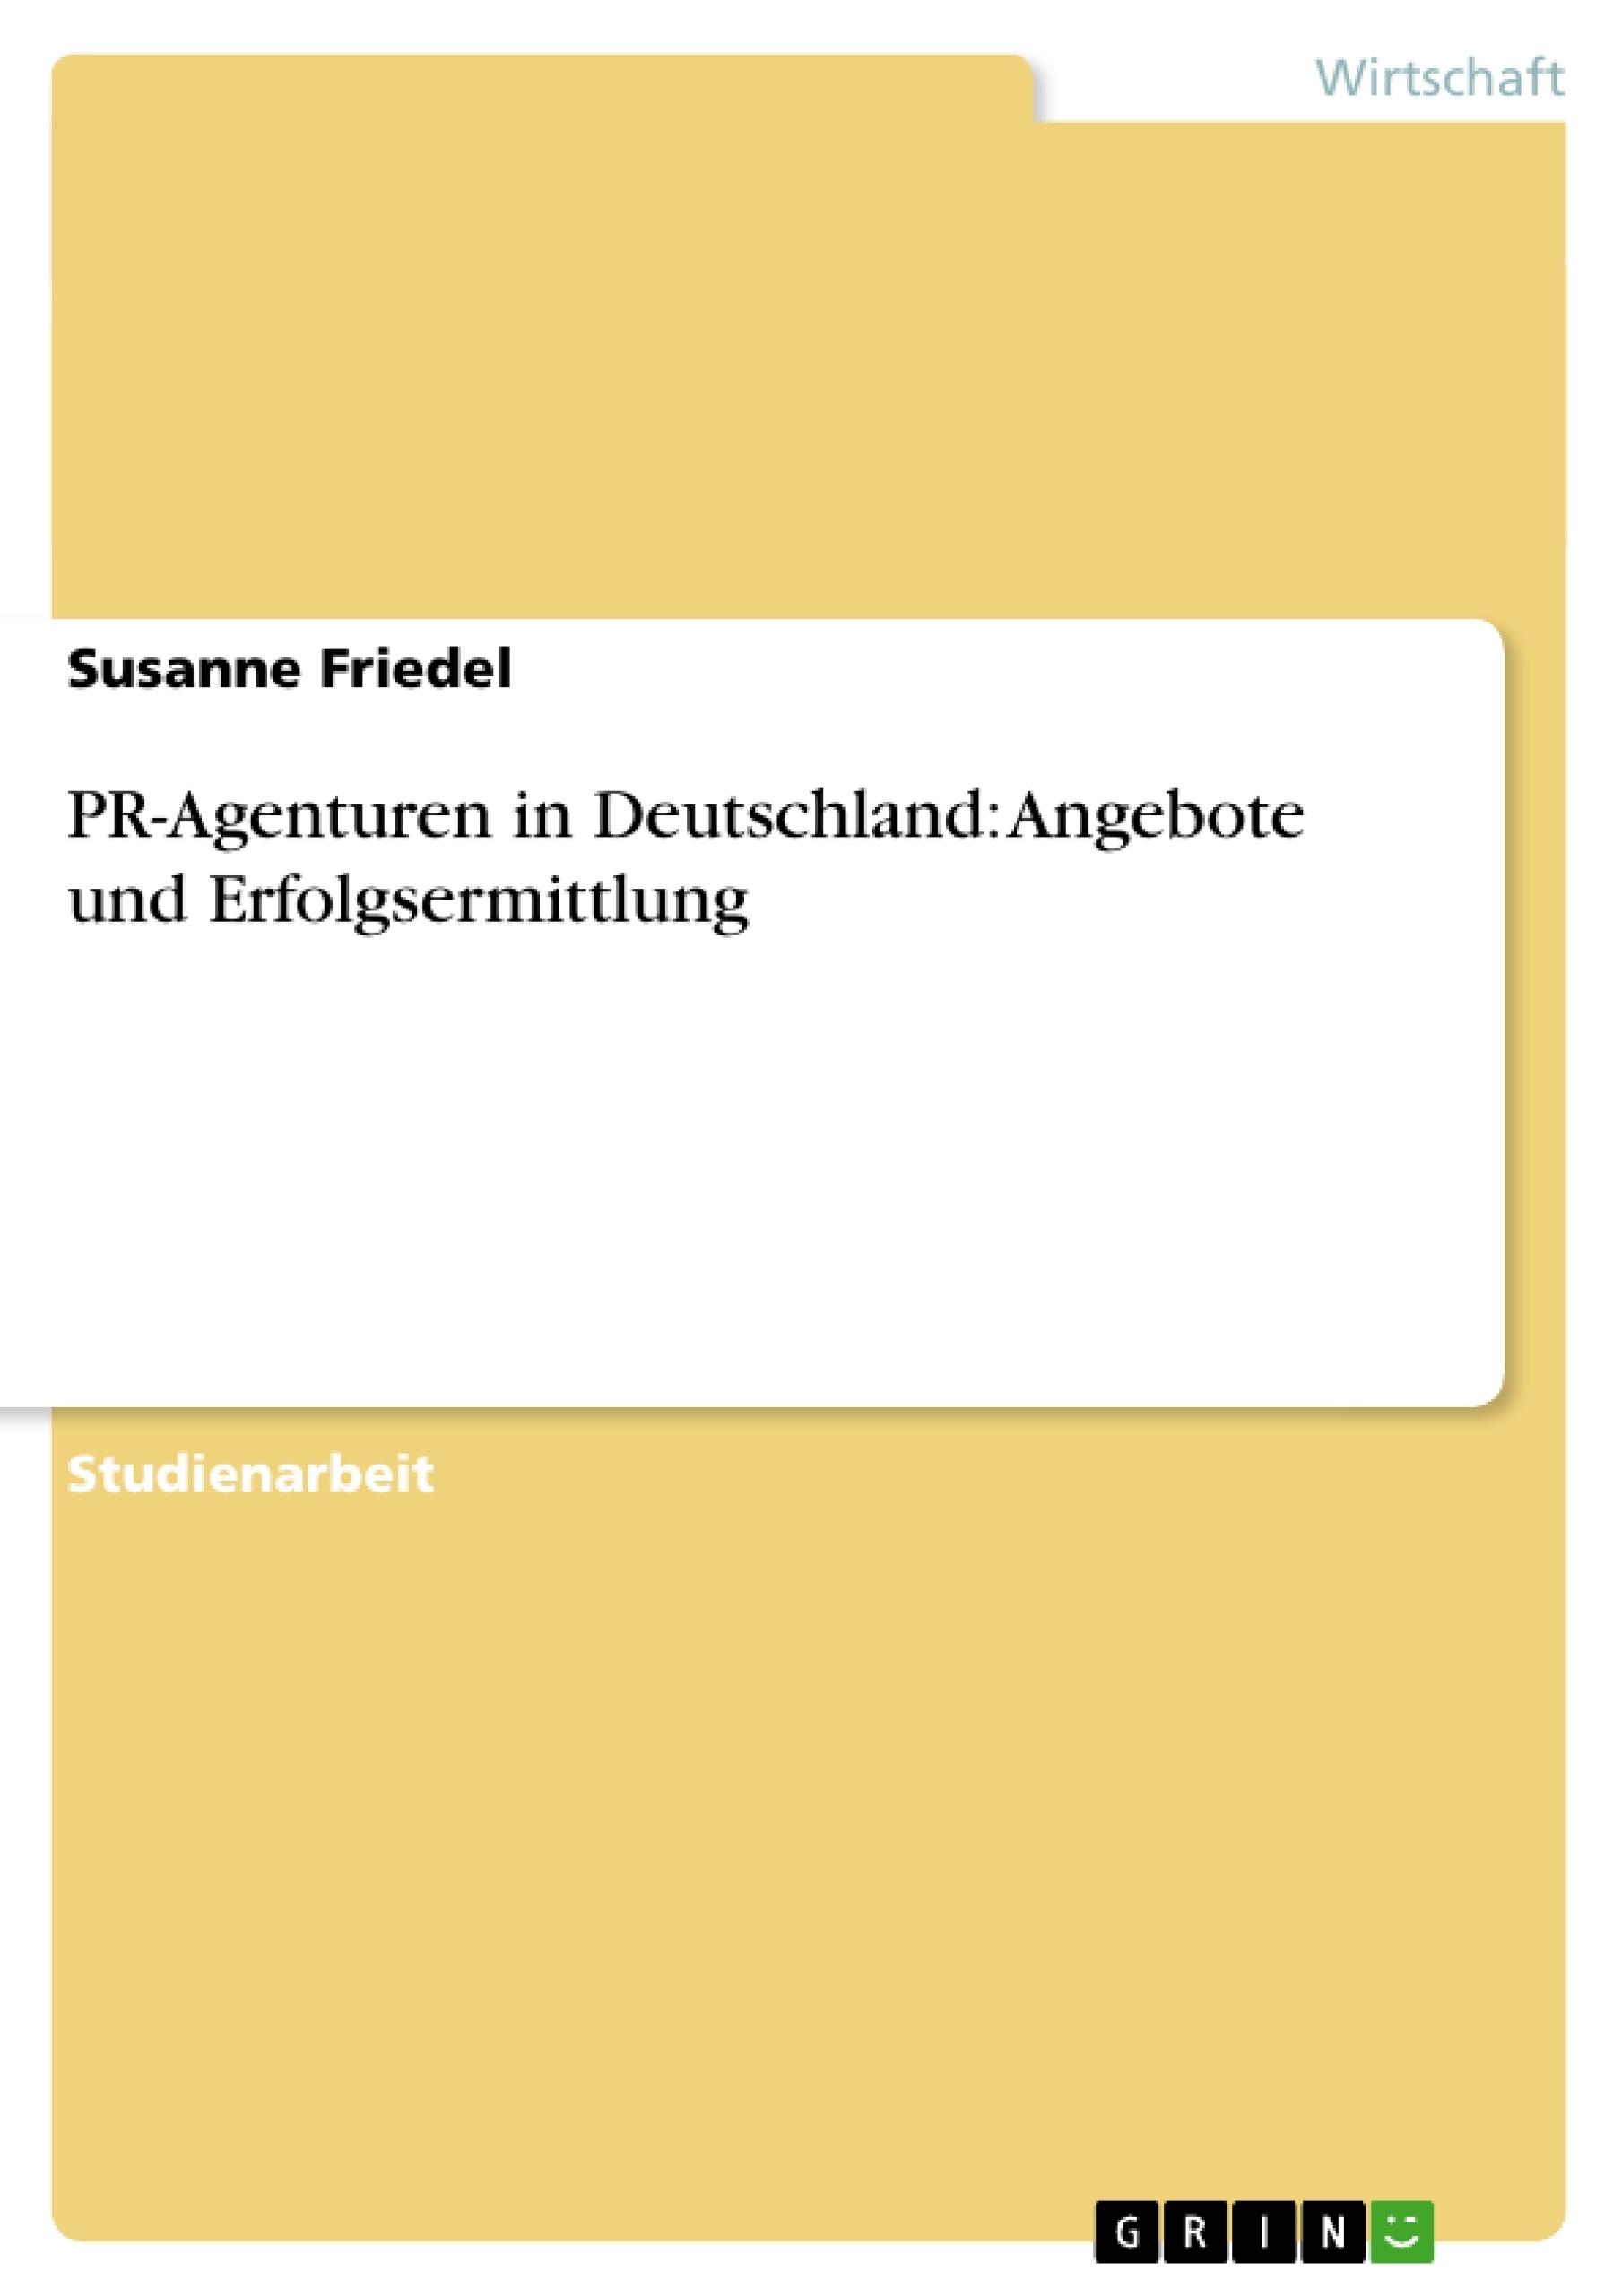 Titel: PR-Agenturen in Deutschland: Angebote und Erfolgsermittlung